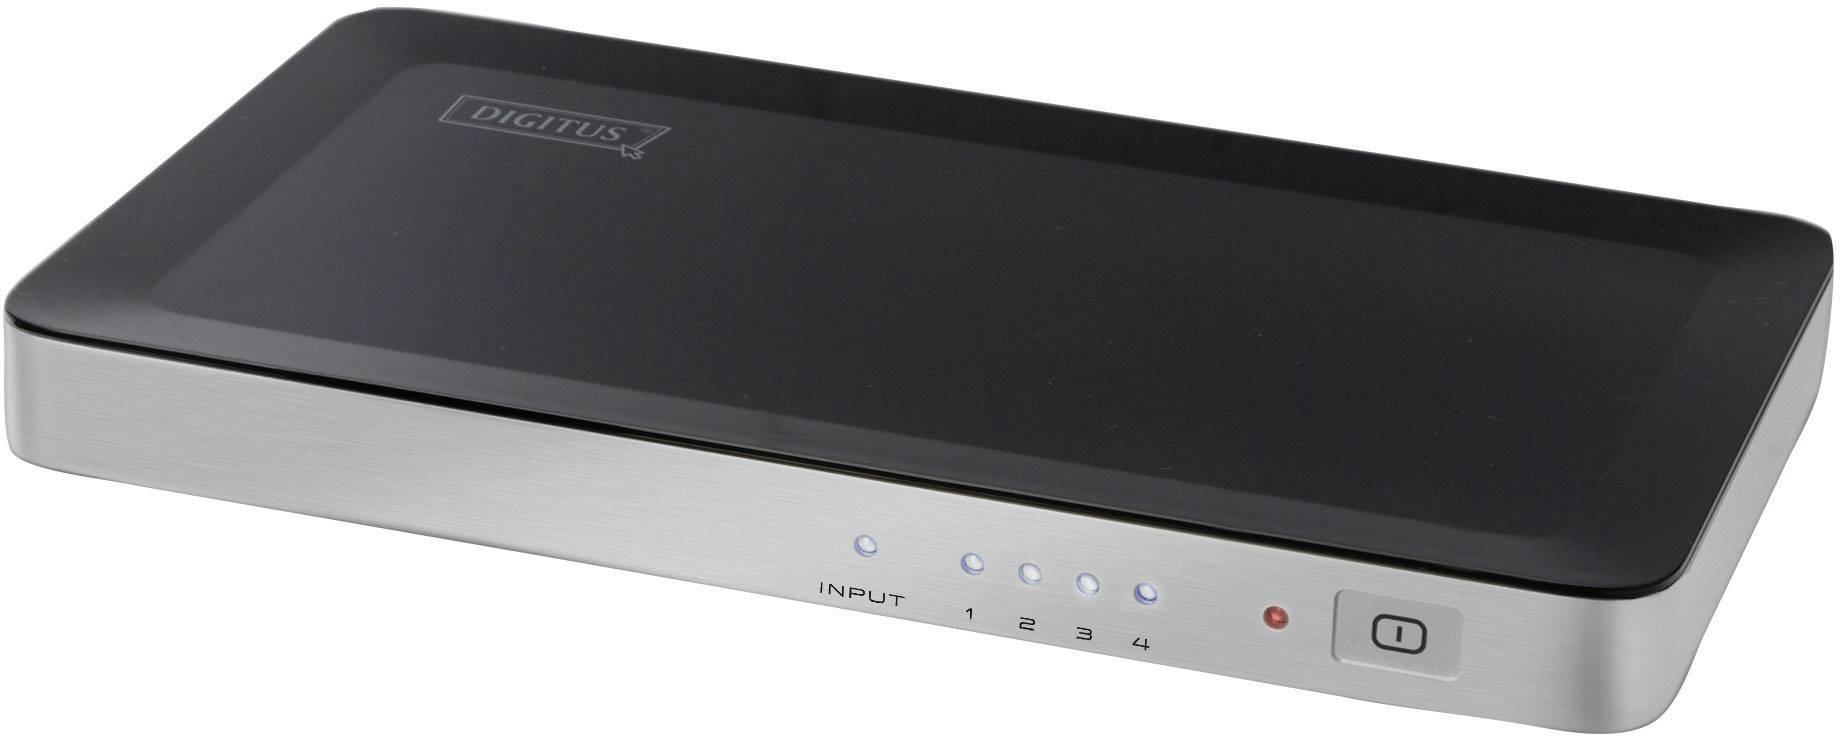 HDMI rozbočovač Digitus DS-42300, N/A, možnost 3D přehrávání, 4 porty, černá, stříbrná